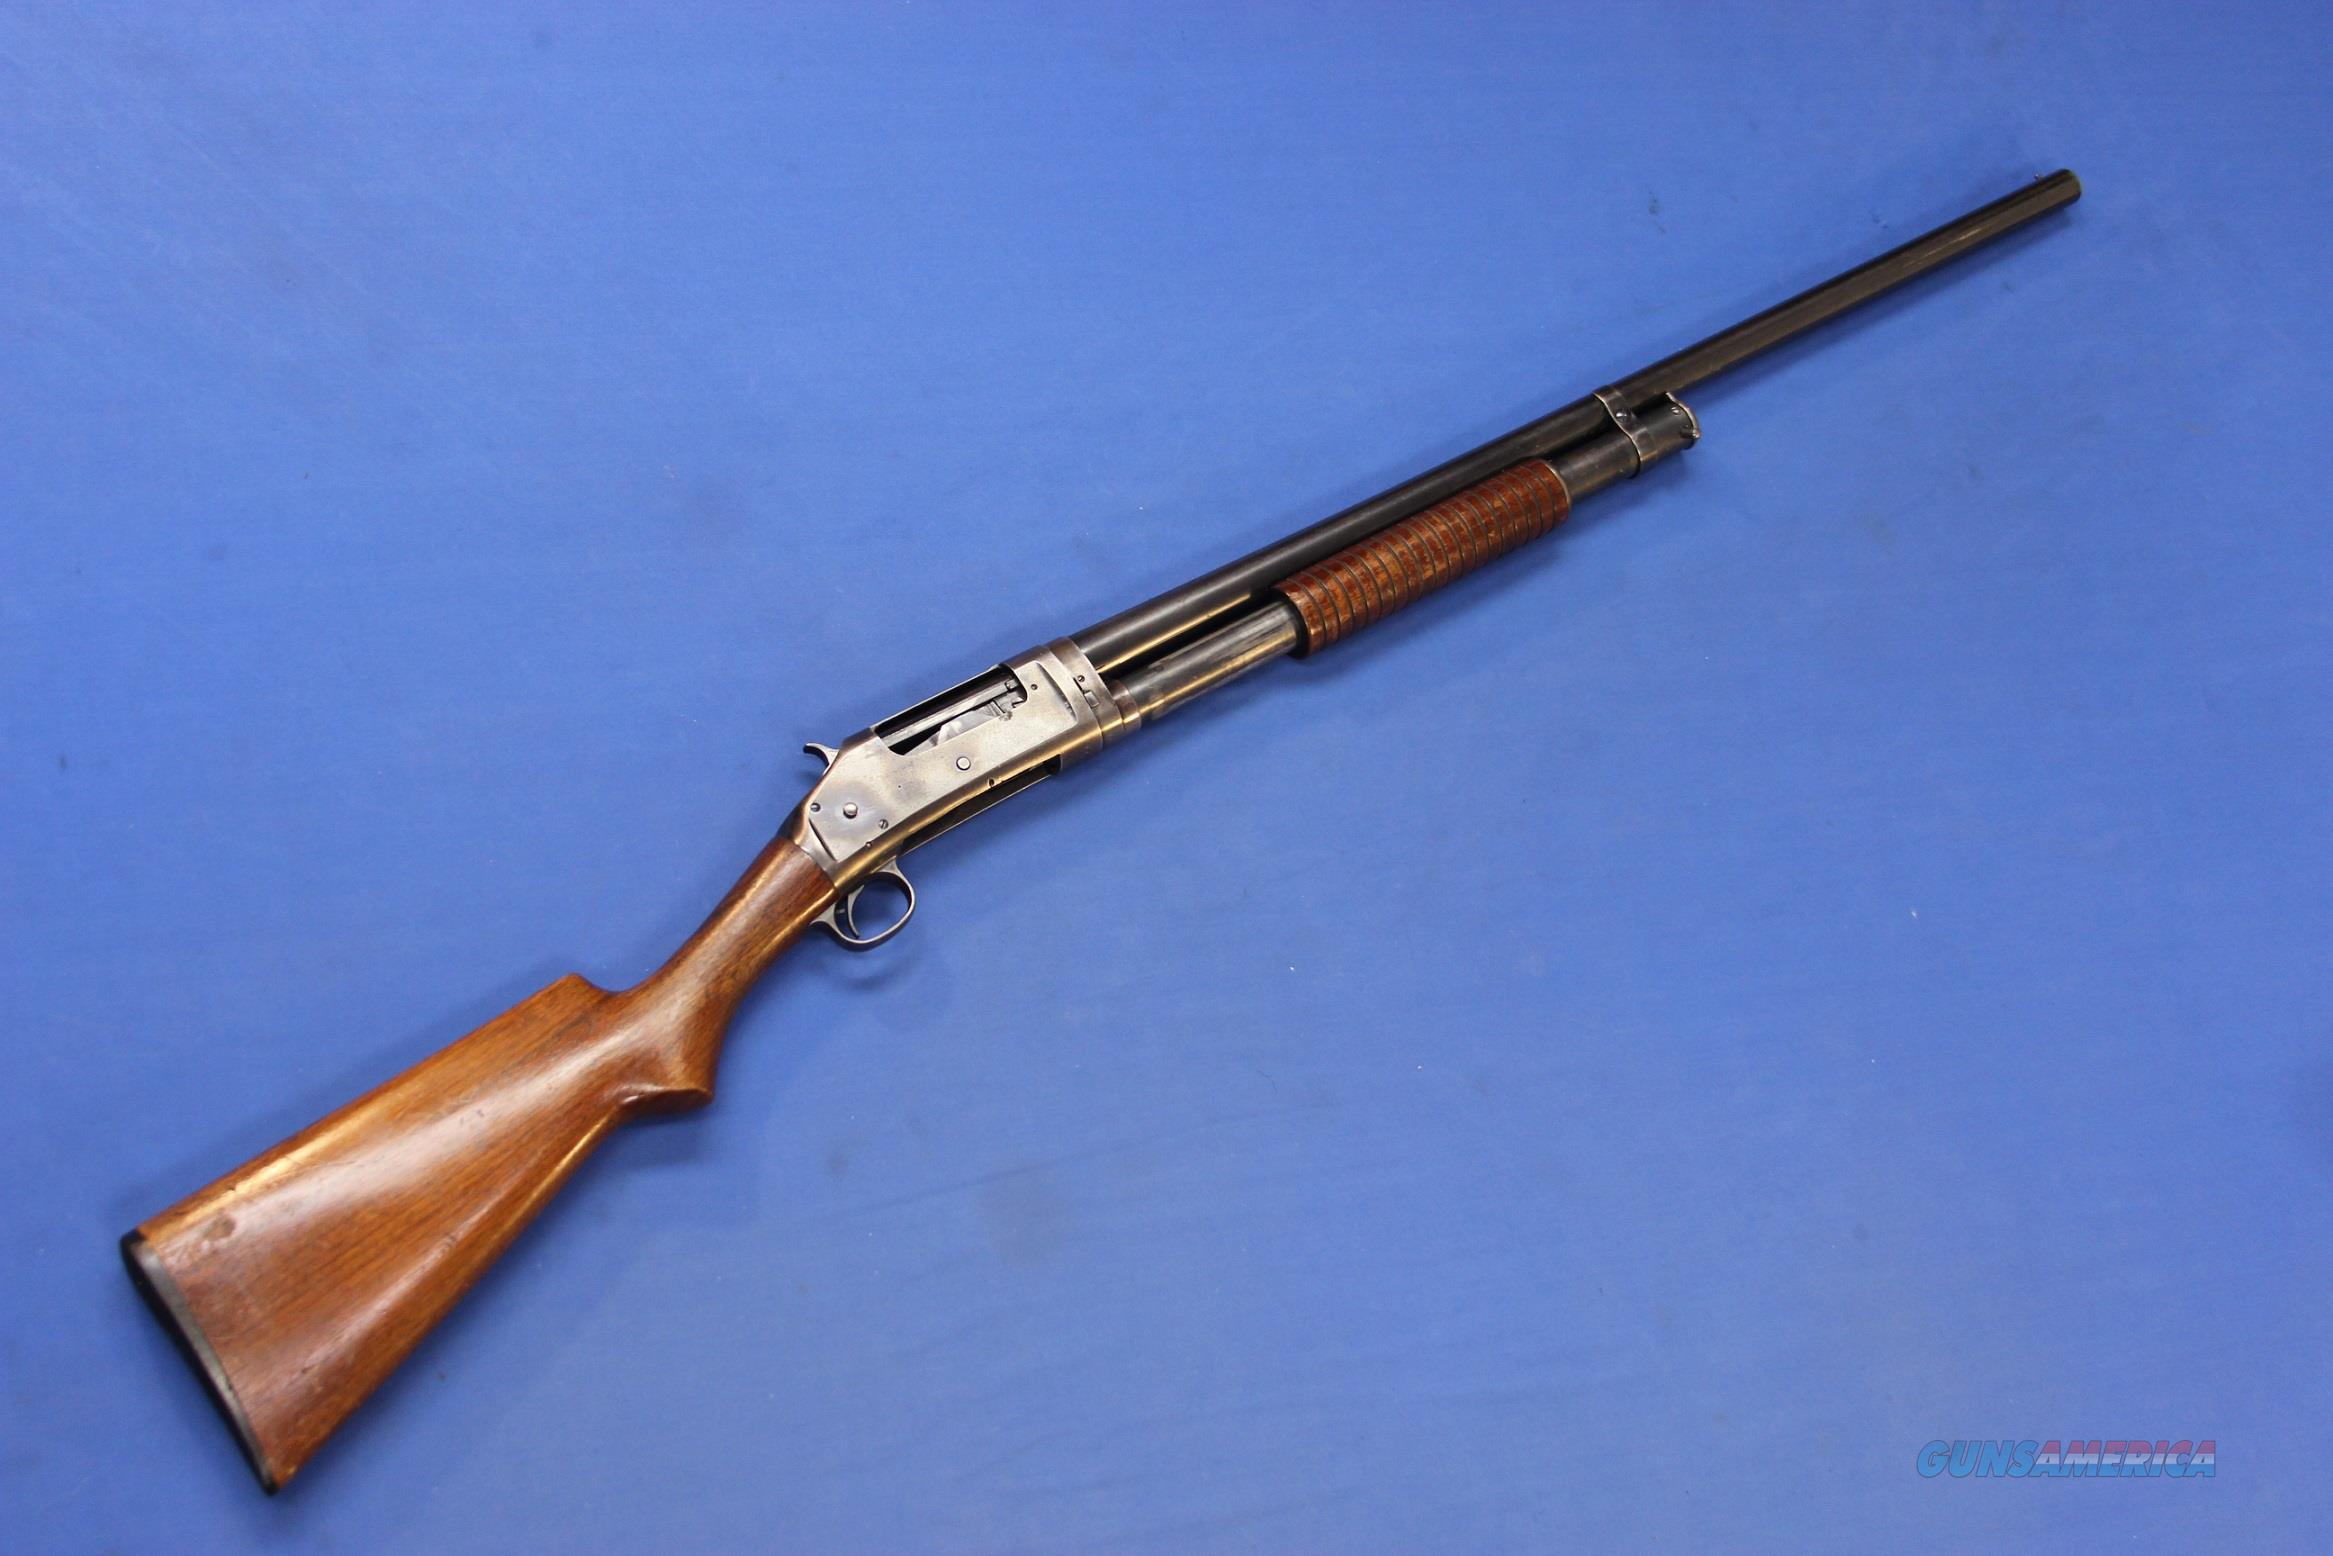 """WINCHESTER MODEL 97 PUMP SHOTGUN 12 GAUGE 29"""" FULL  Guns > Shotguns > Winchester Shotguns - Modern > Pump Action > Hunting"""